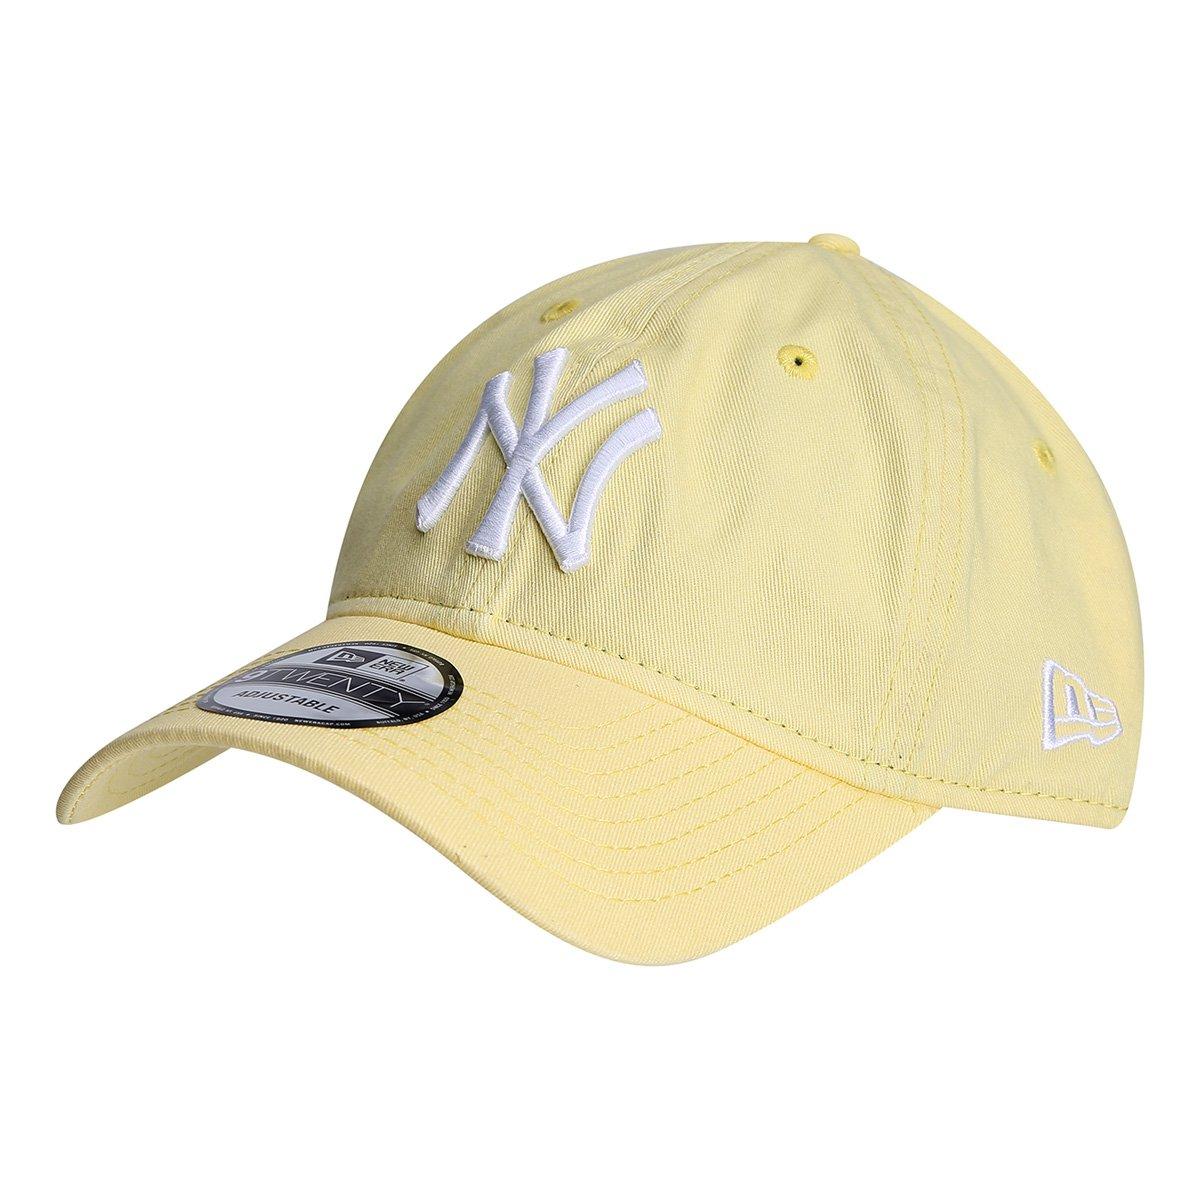 Boné New Era MLB New York Yankees Aba Curva 920 St Pastels - Compre Agora  0a5741d82d3